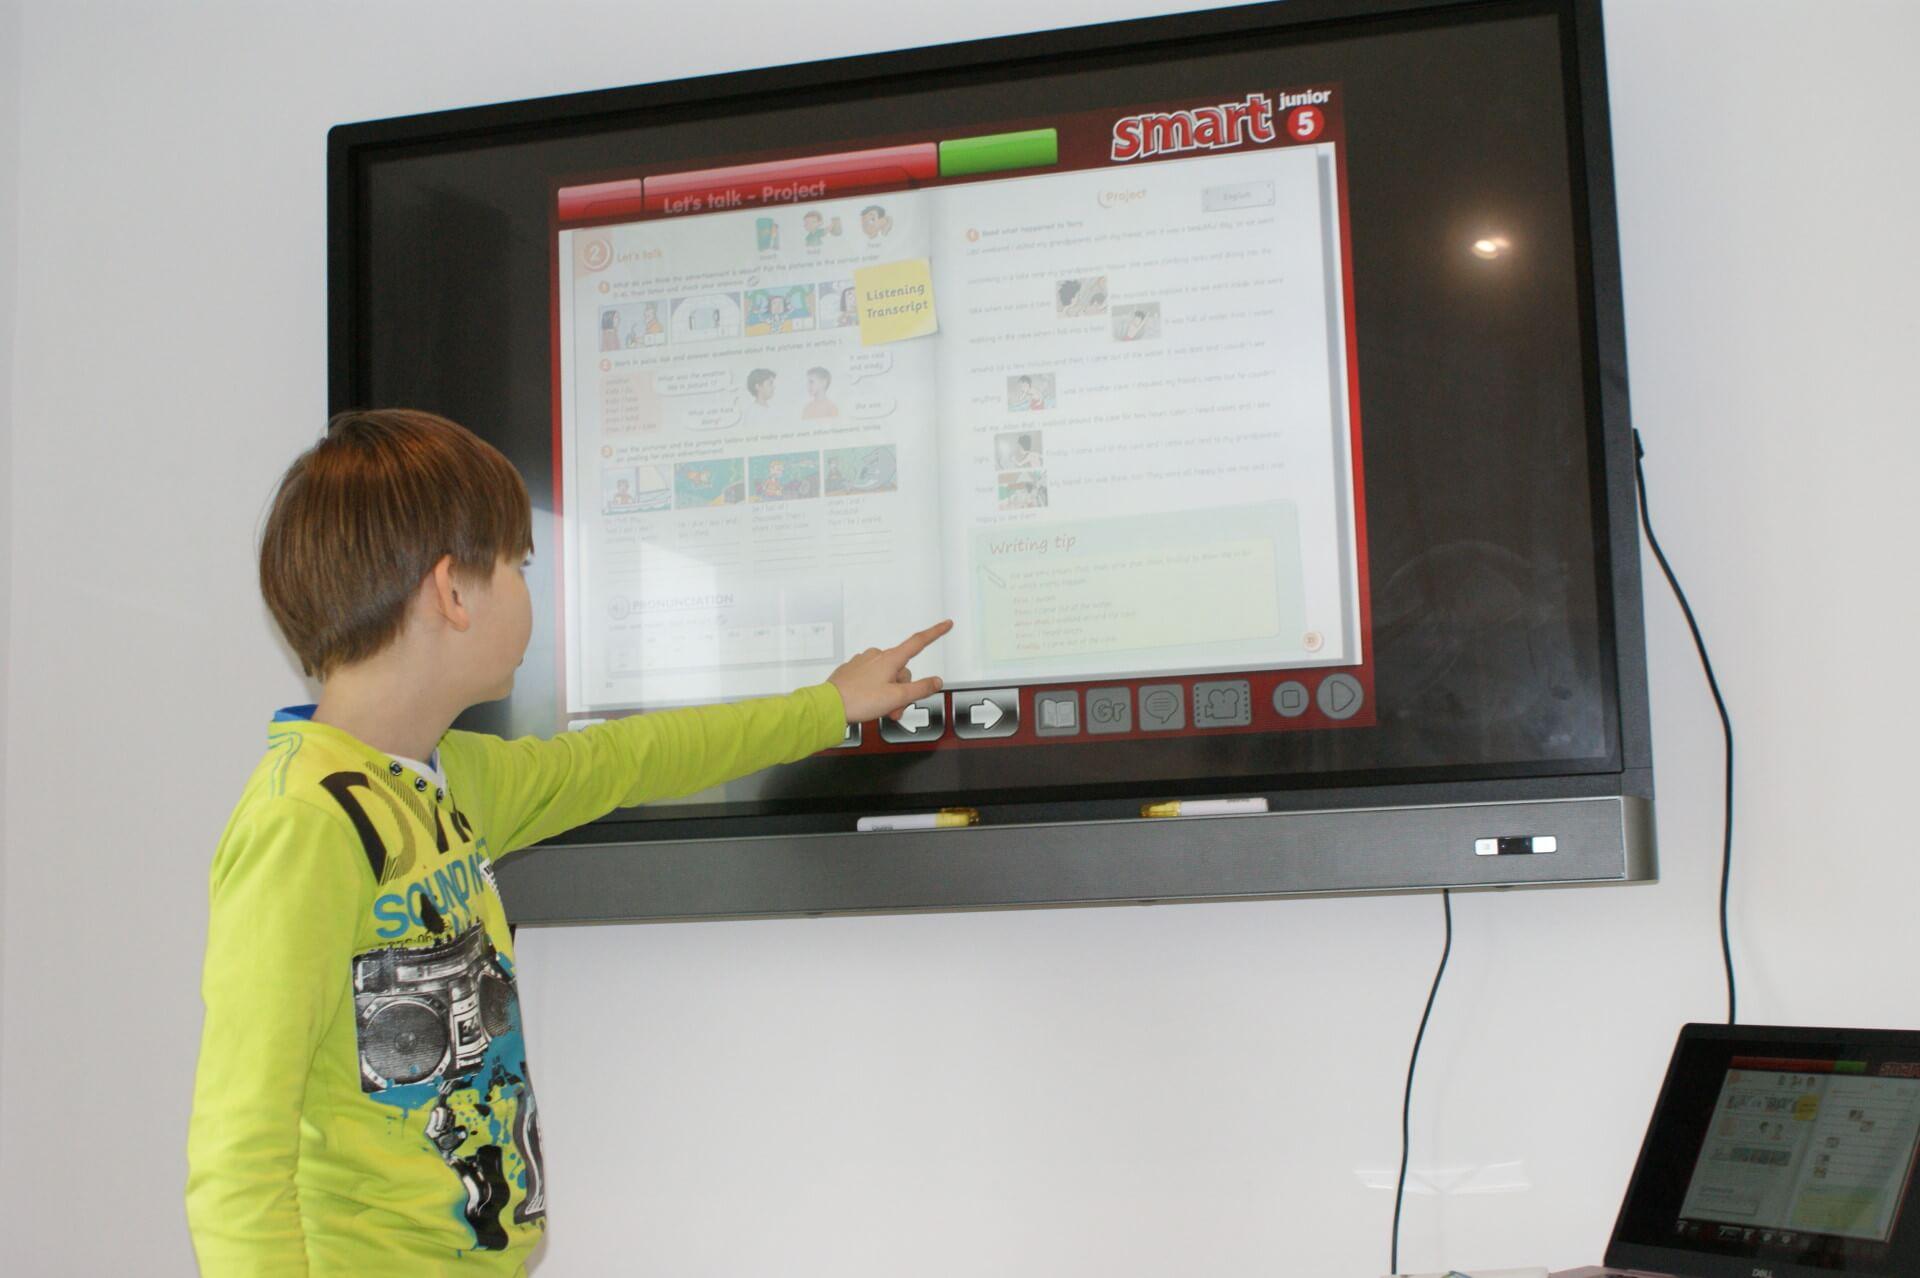 nauka angielskiego przy pomocy tablicy interaktywnej